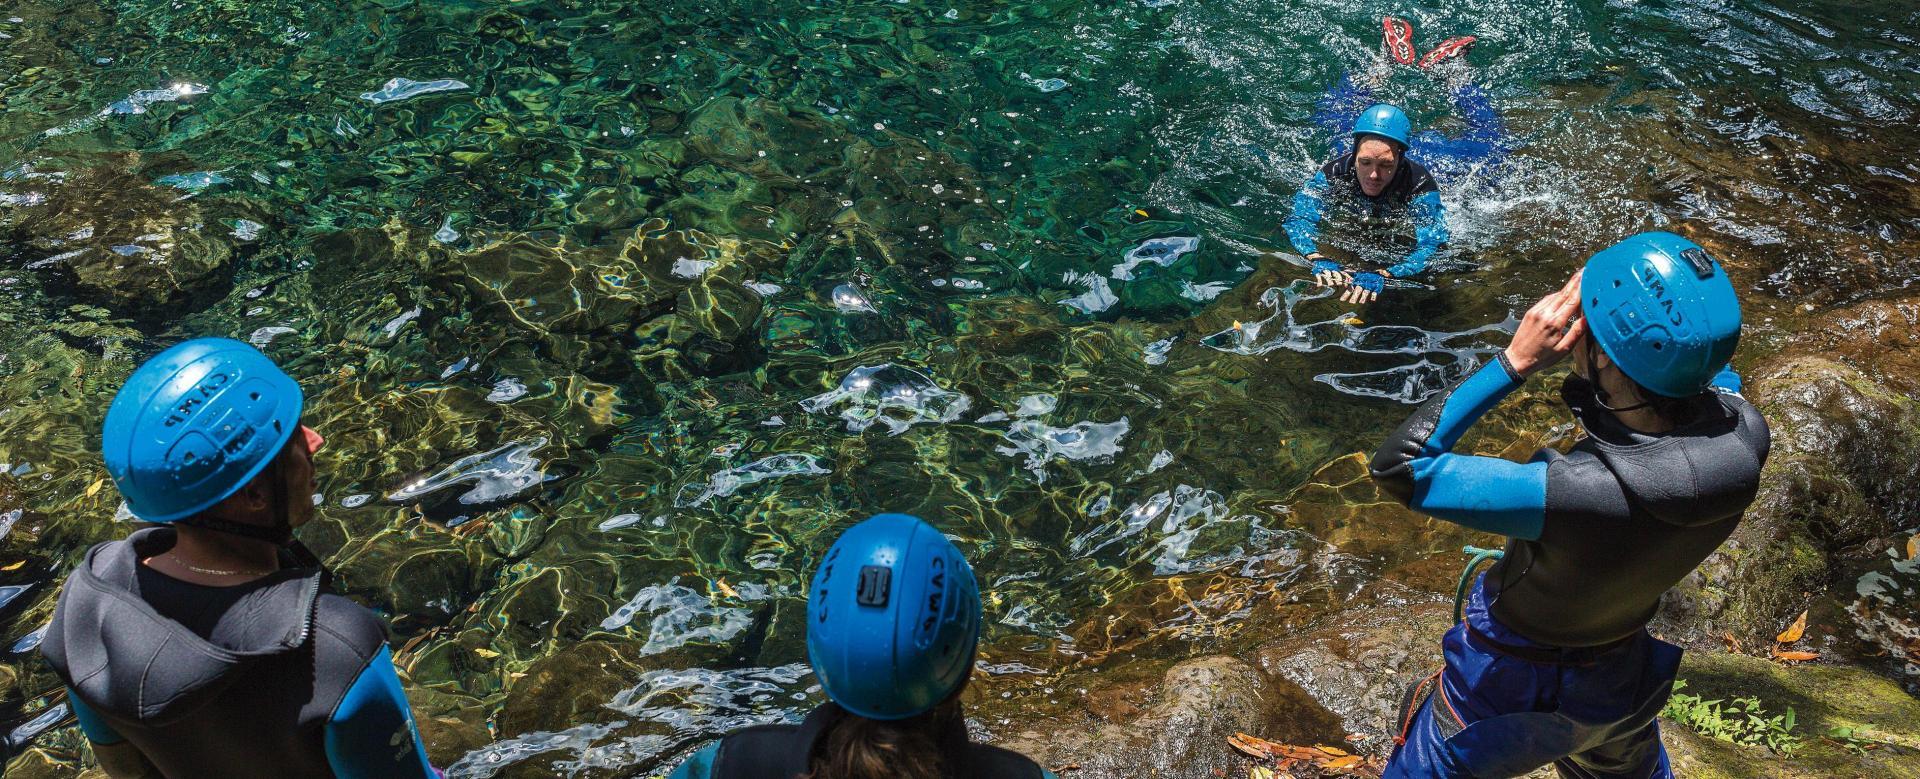 Voyage à pied : Balades aquatiques en sierra de guara